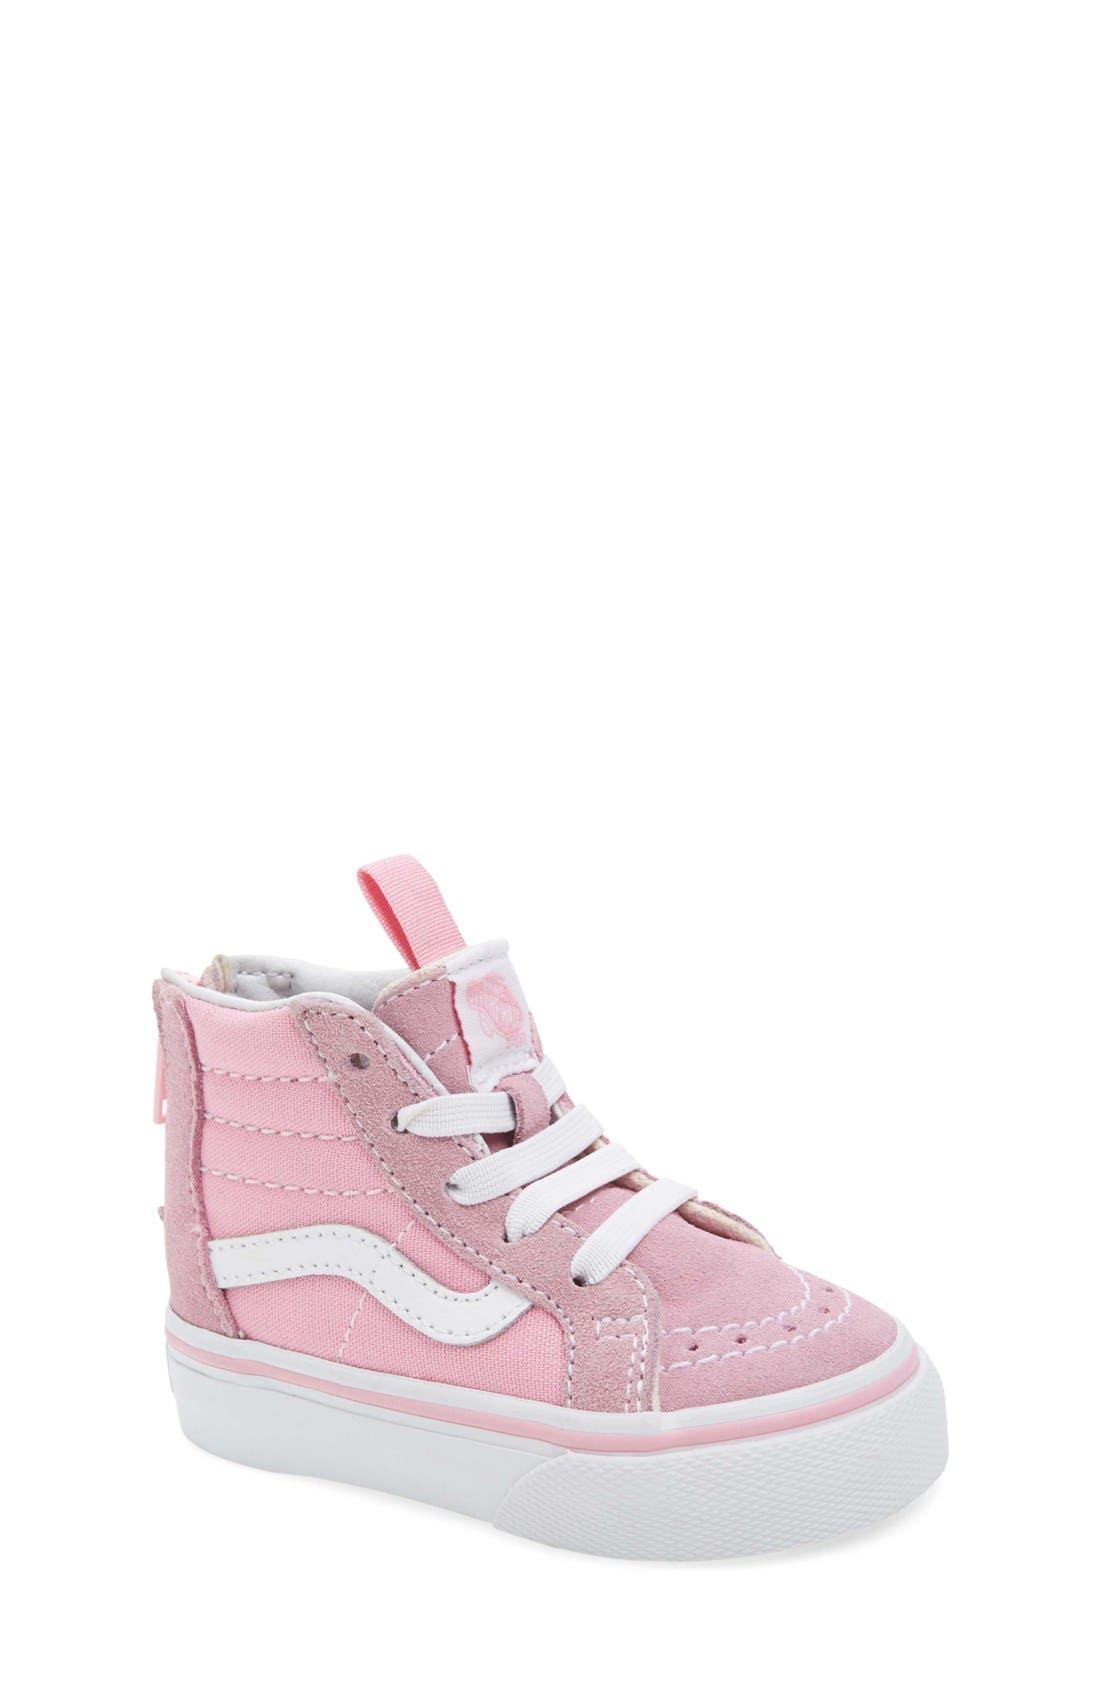 Main Image - Vans 'Sk8-Hi Zip' Sneaker (Walker & Toddler)